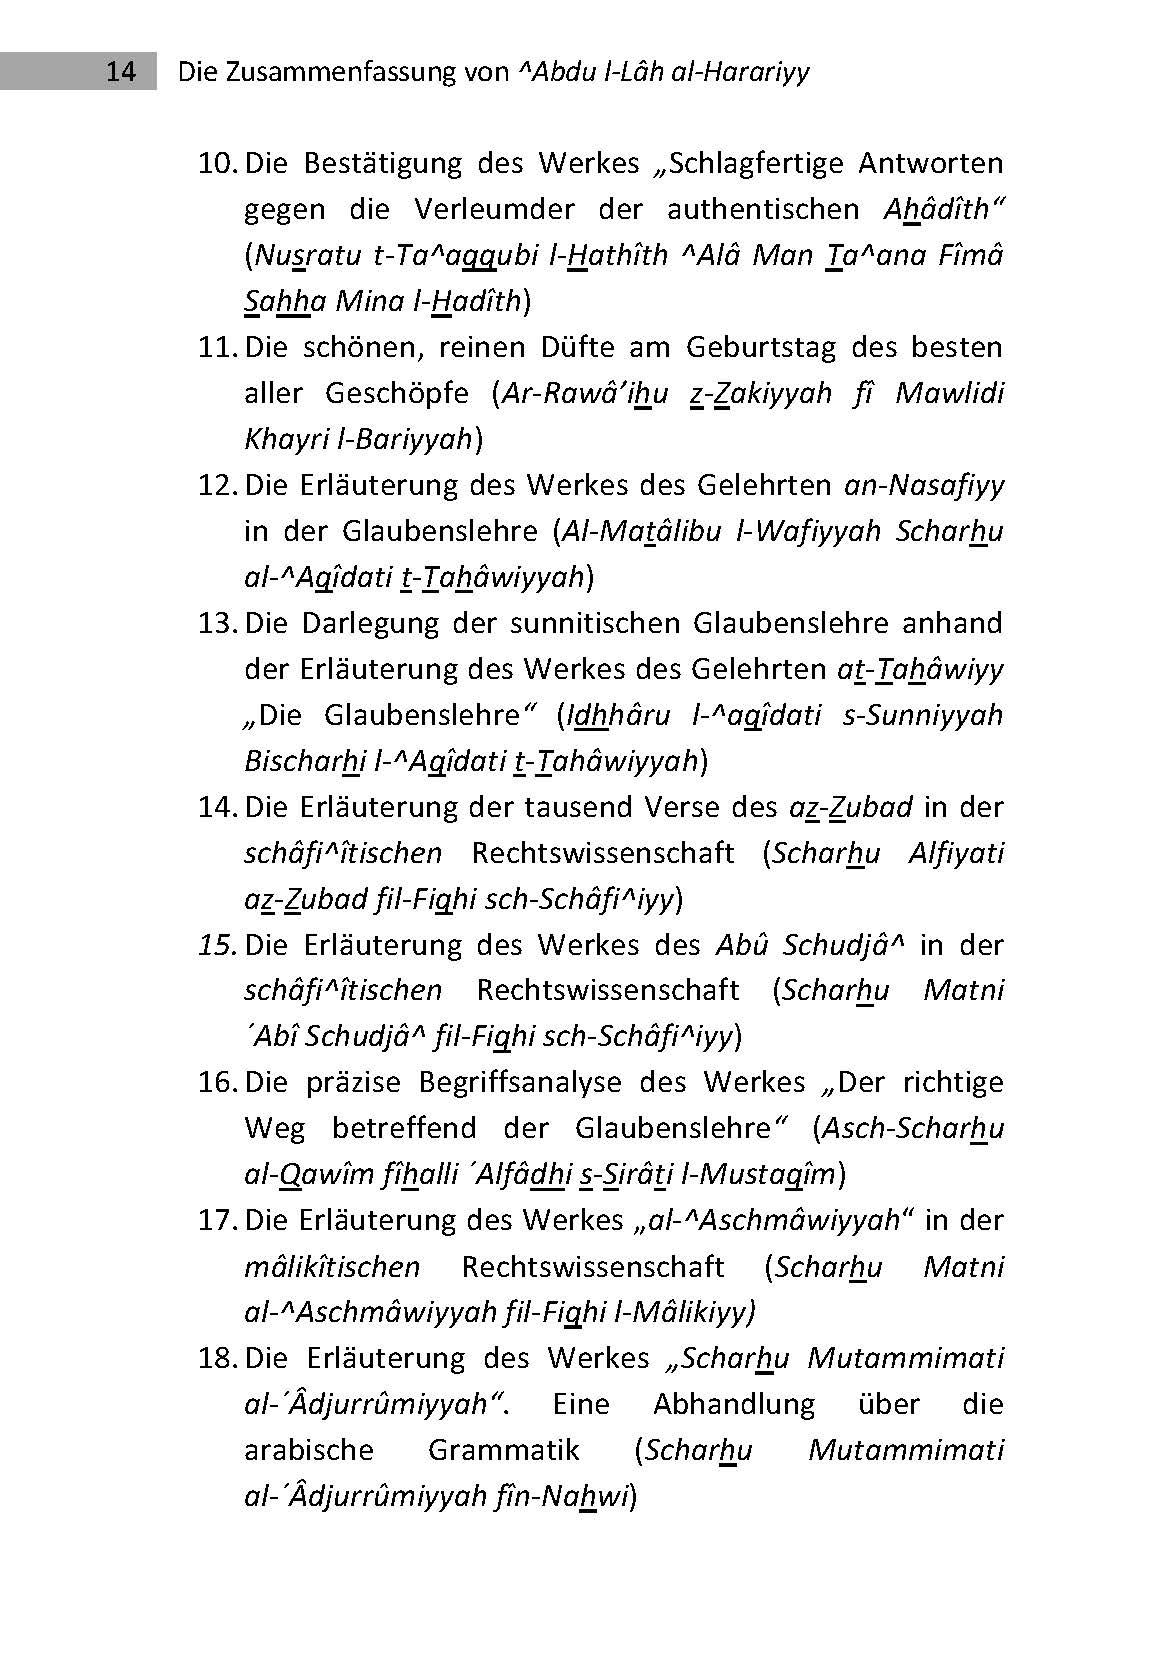 Die Zusammenfassung - 3. Auflage 2014_Seite_14